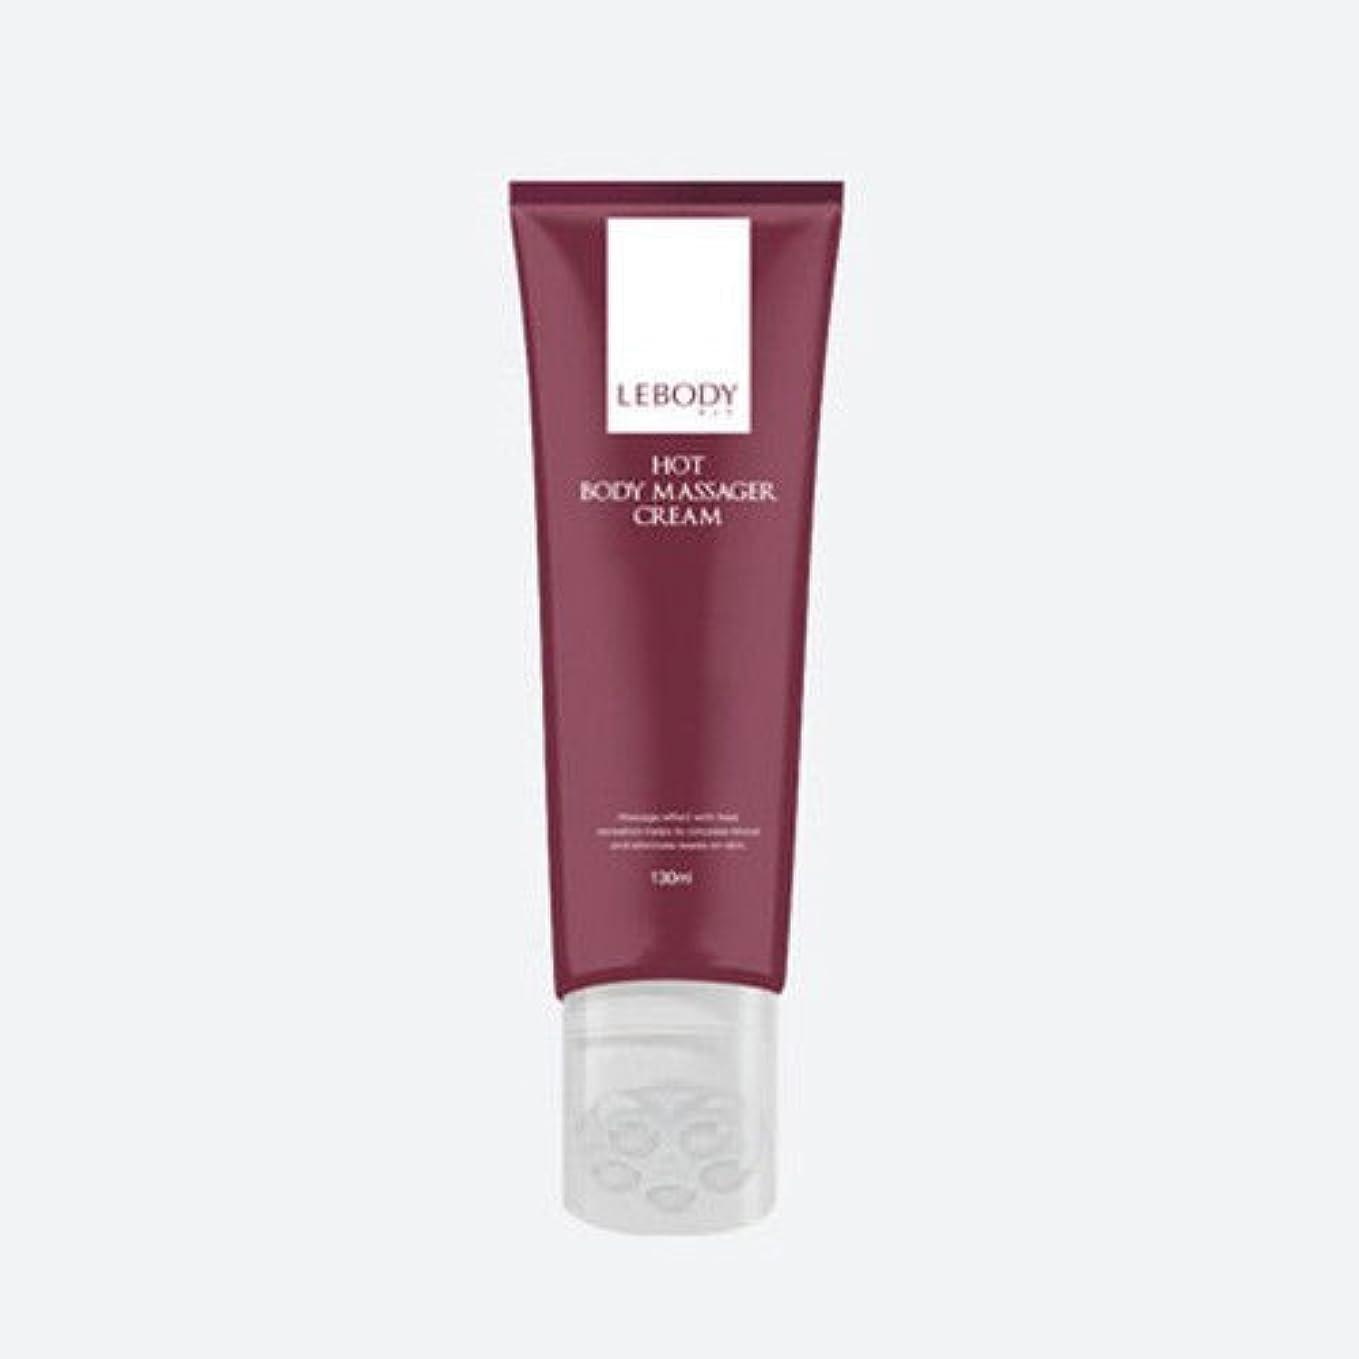 明快人コットン[並行輸入品] LEBODYレボディフィットホットボディマッサージクリーム130ml / LEBODY Fit Hot Body Massager Cream 130ml